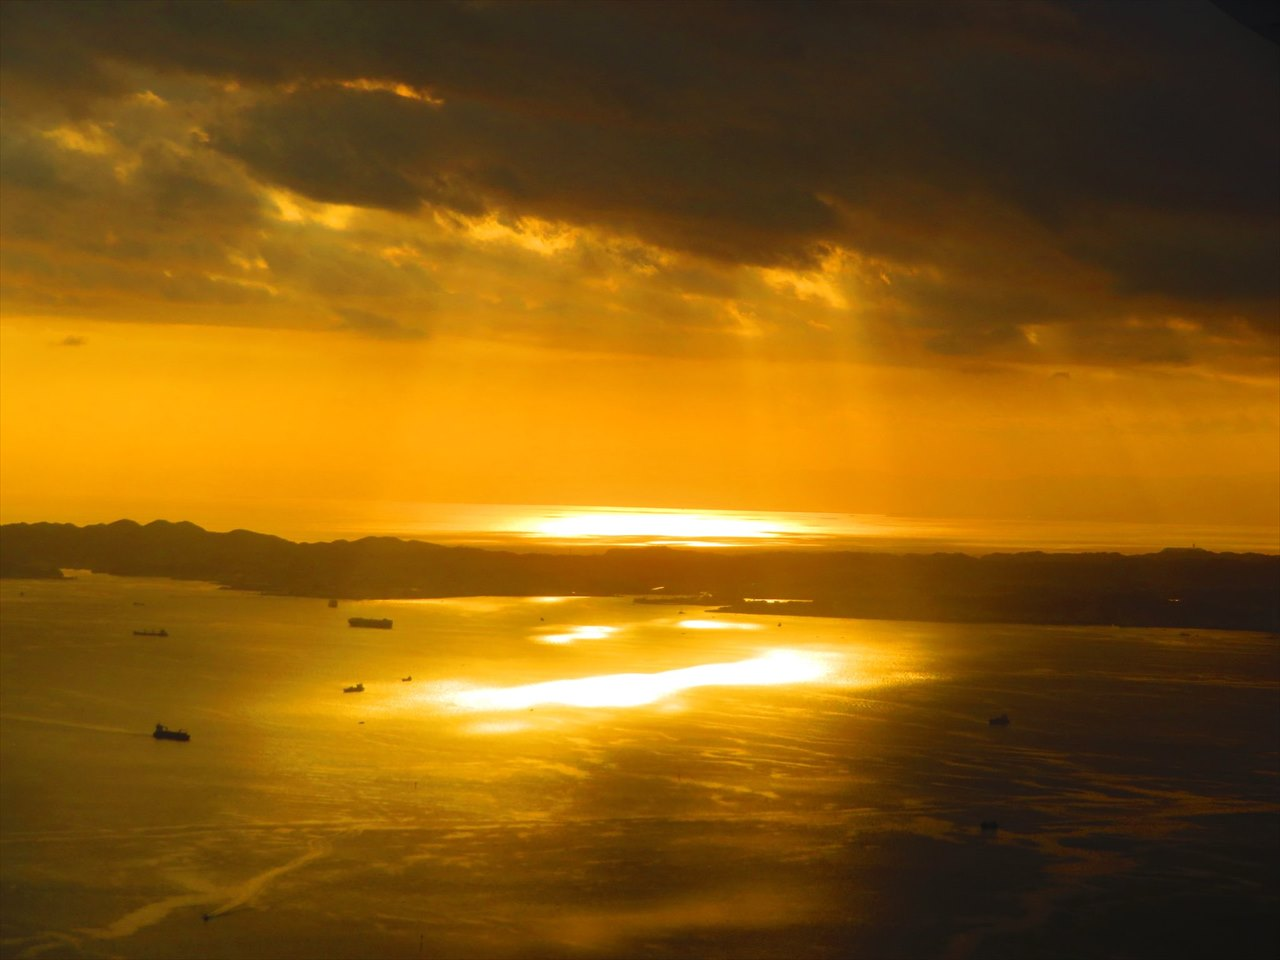 """【奇跡の瞬間】なんて神々しい・・・海上の空から撮影された""""天使の梯子""""が素敵だと話題に!"""